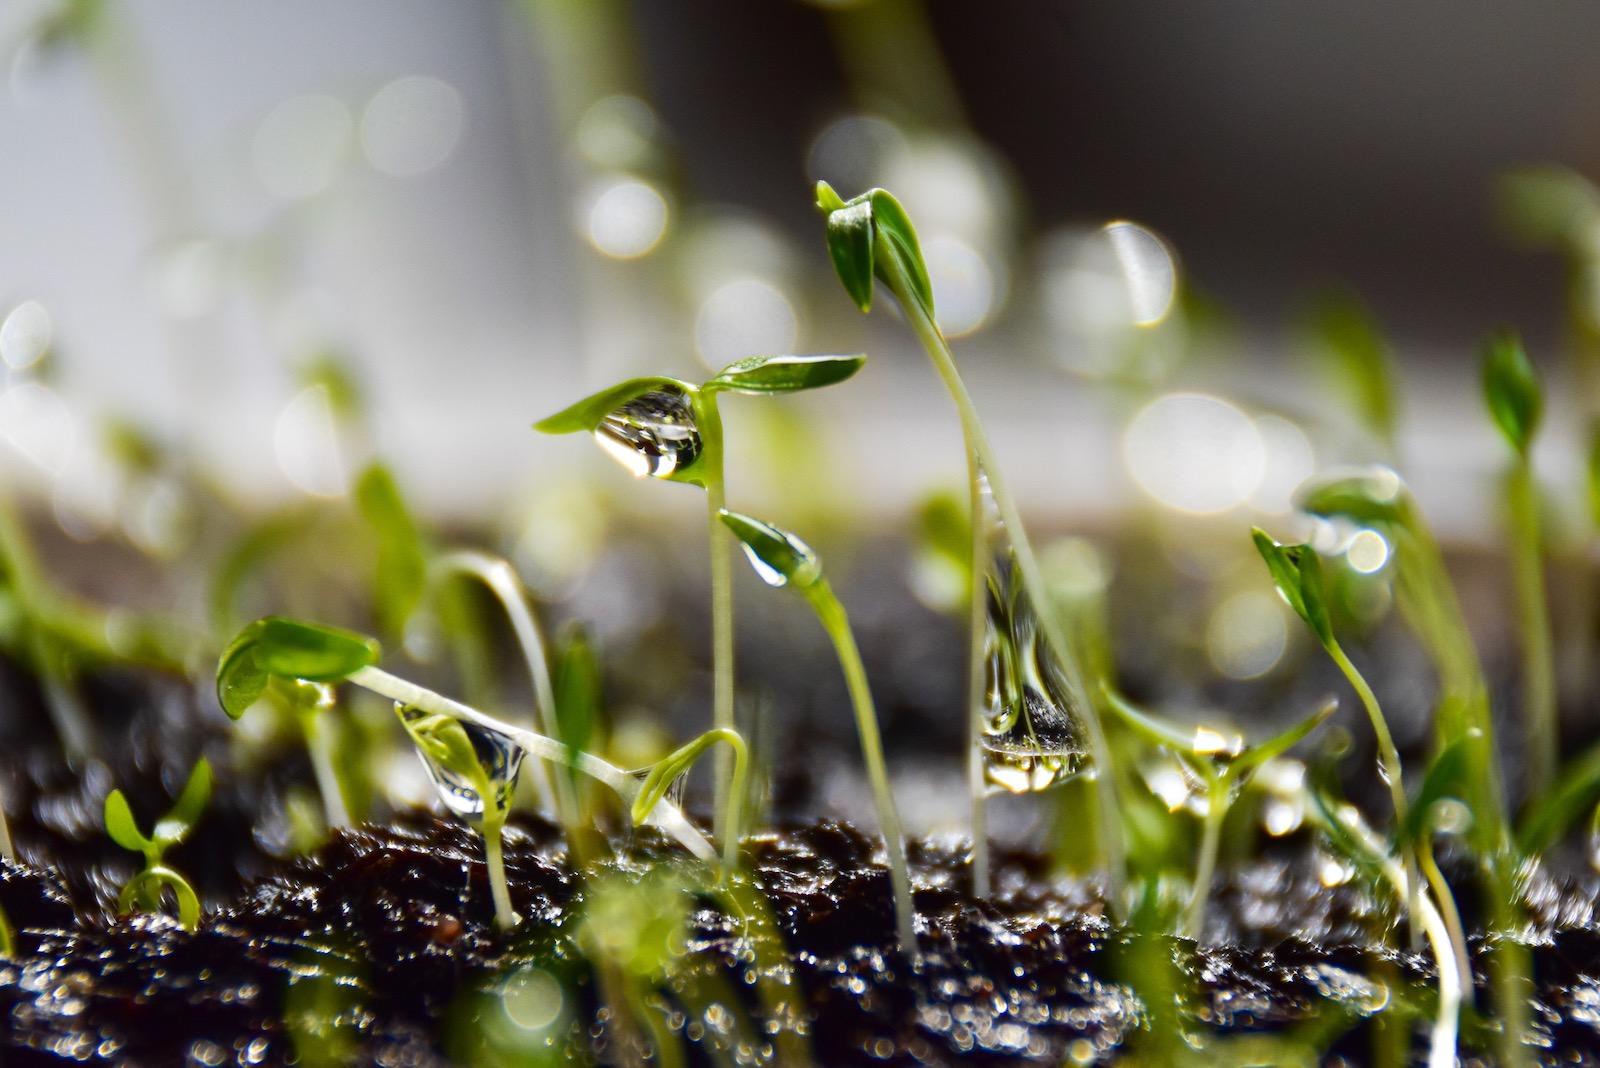 Weshalb man nur biologische Hanfprodukte kaufen sollte